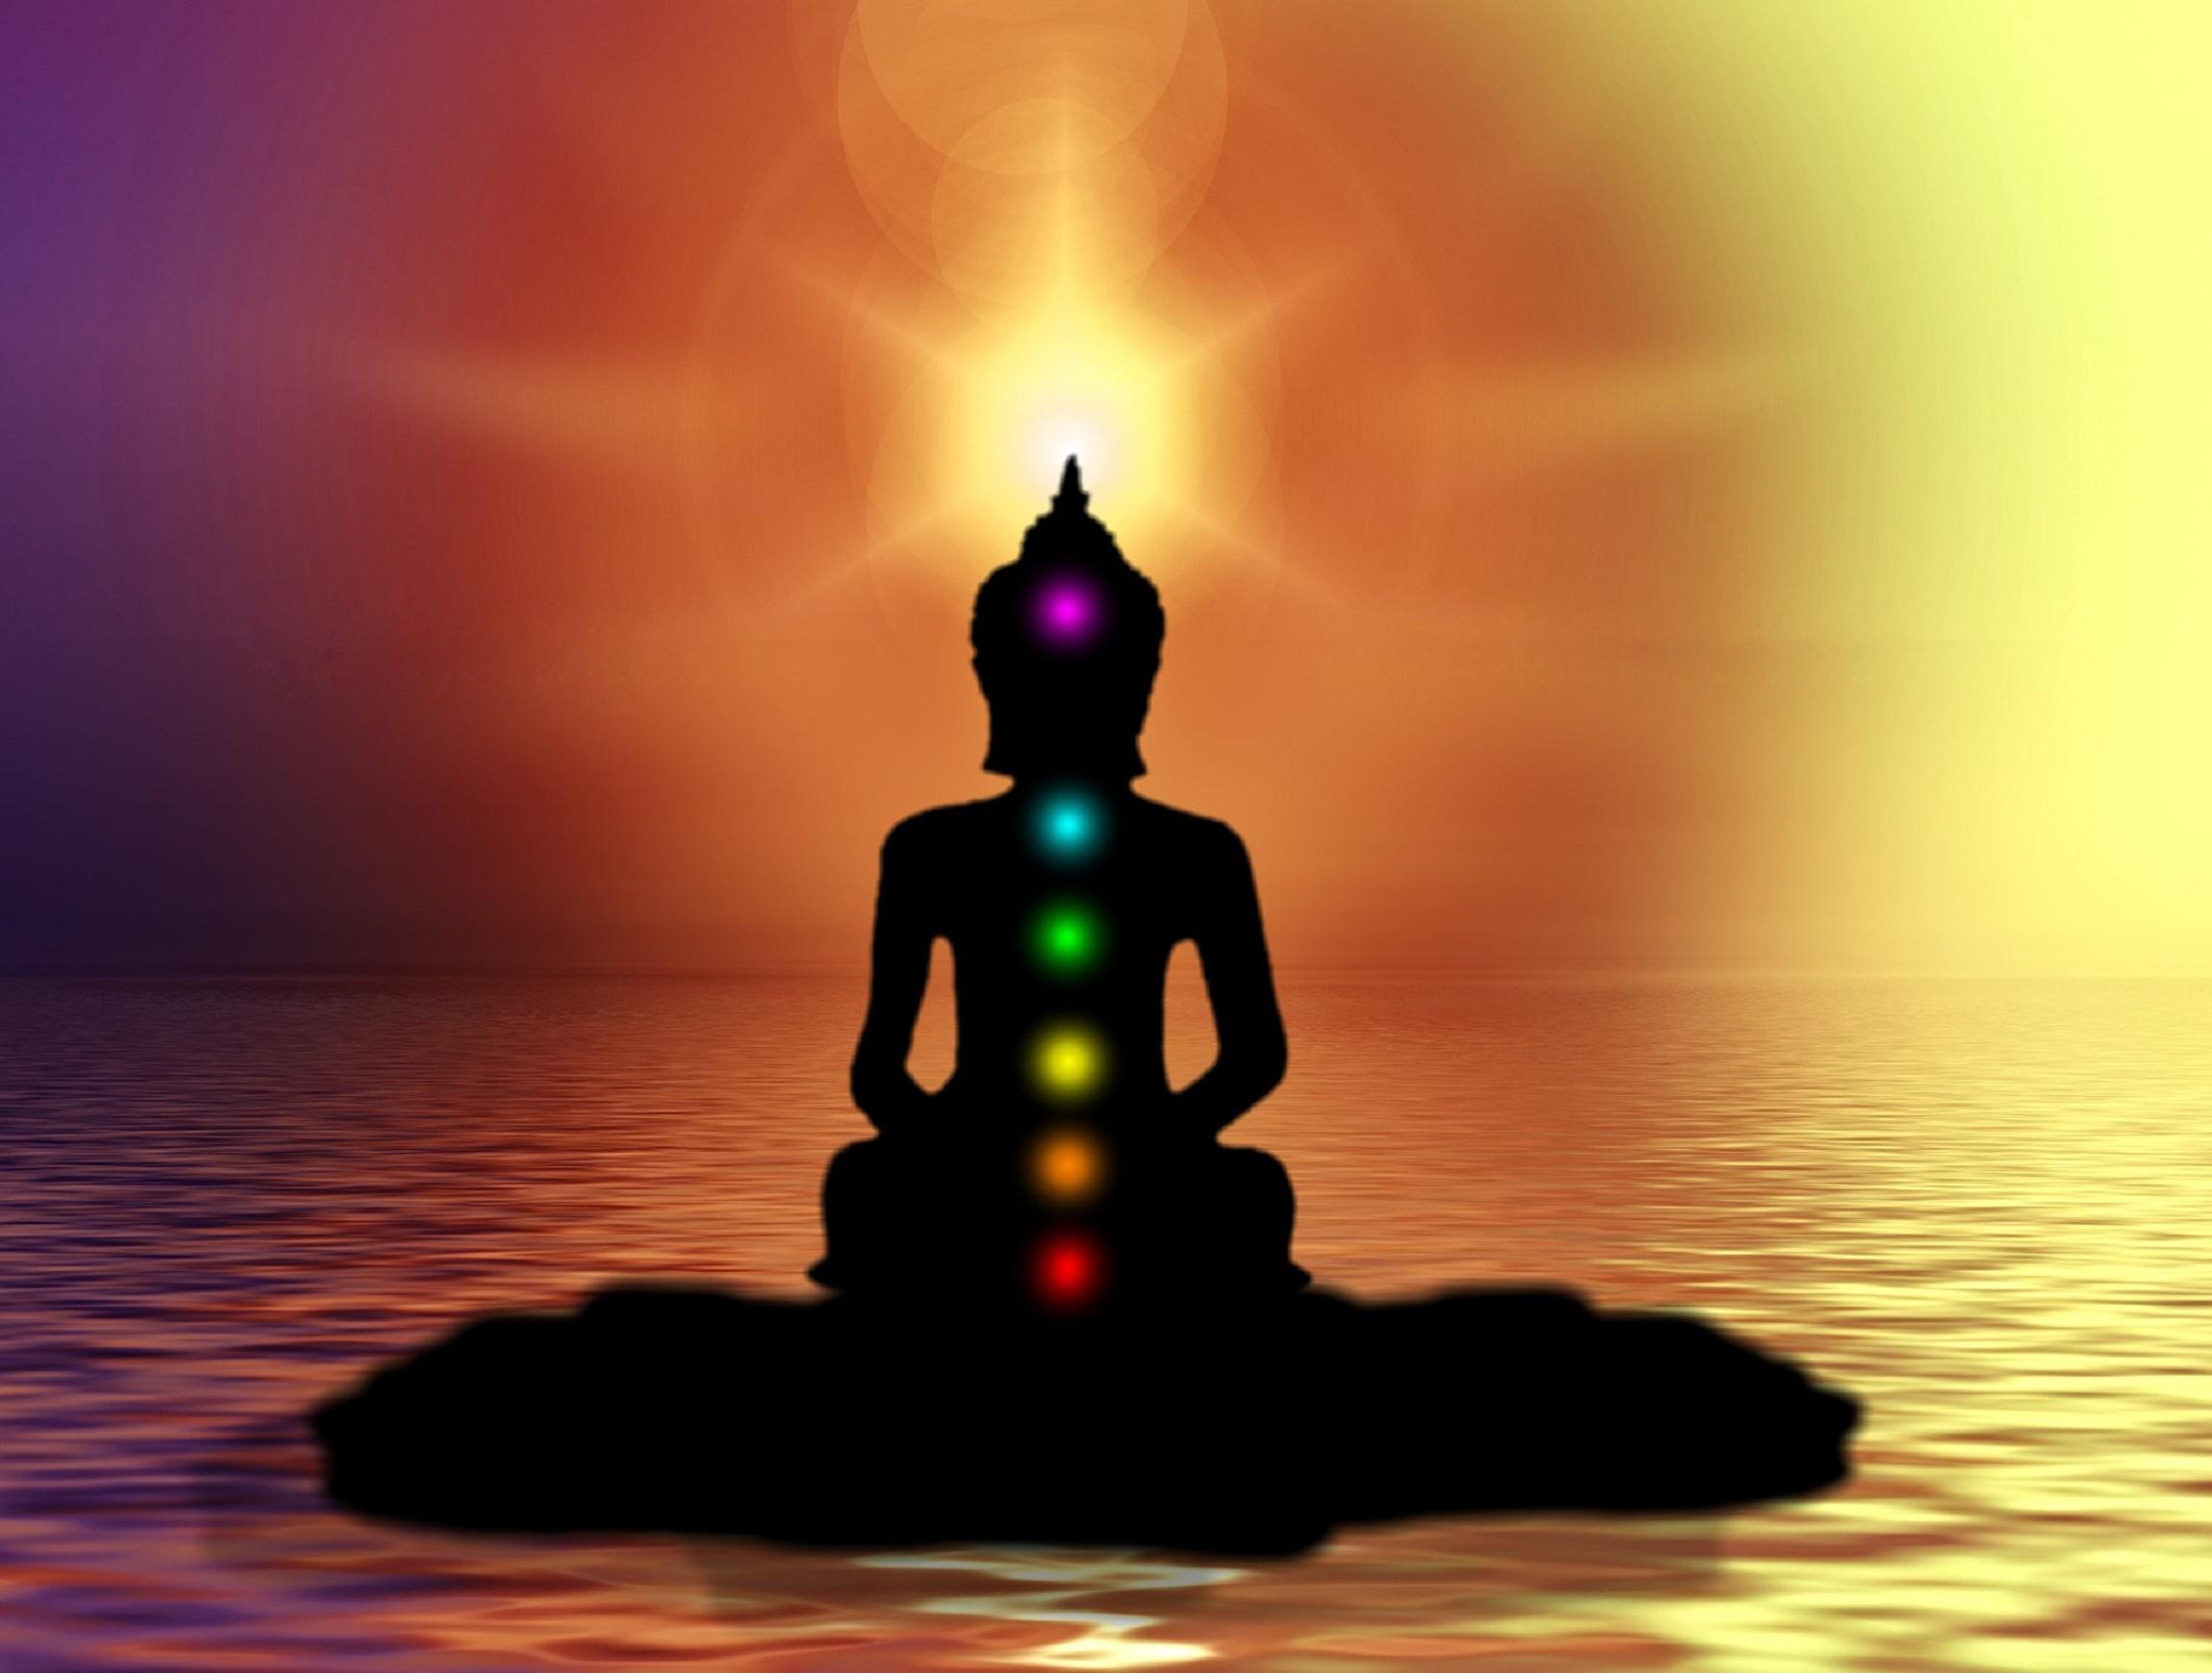 Werken met energie met Therapeutic Touch in mijn aromatherapiepraktijk met behulp van de 7 chakra's en de aura.